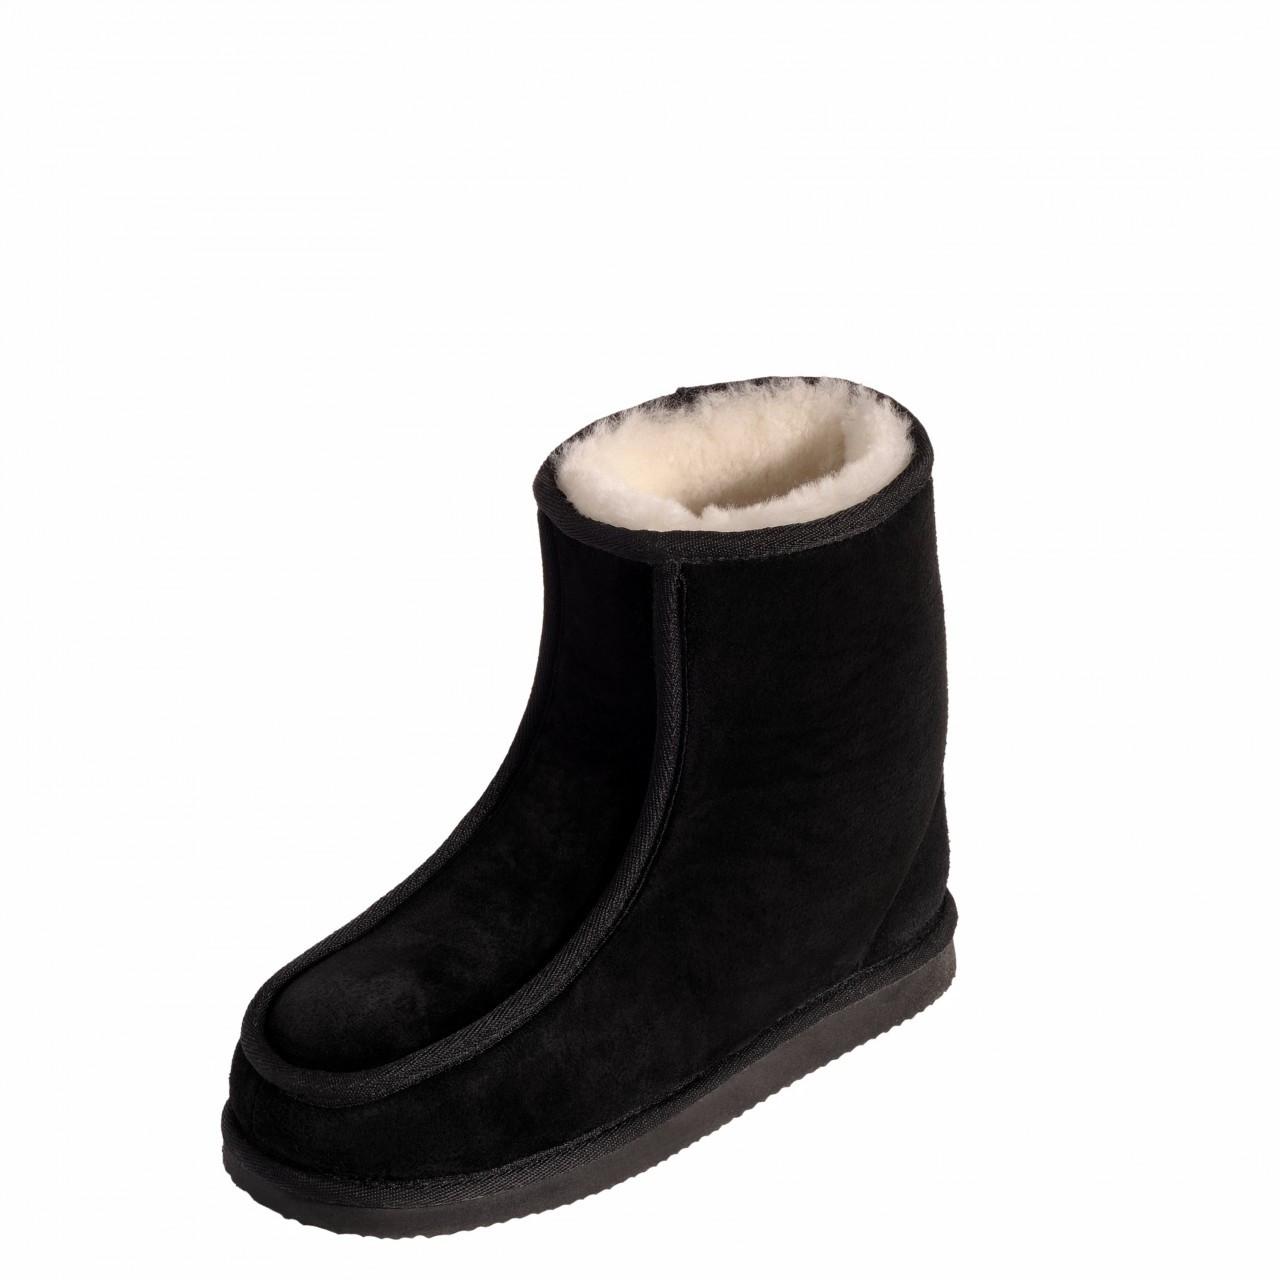 5e5ed184a988 Mi Woollies Emu Ugg Boots   Slipper - Online Shopping